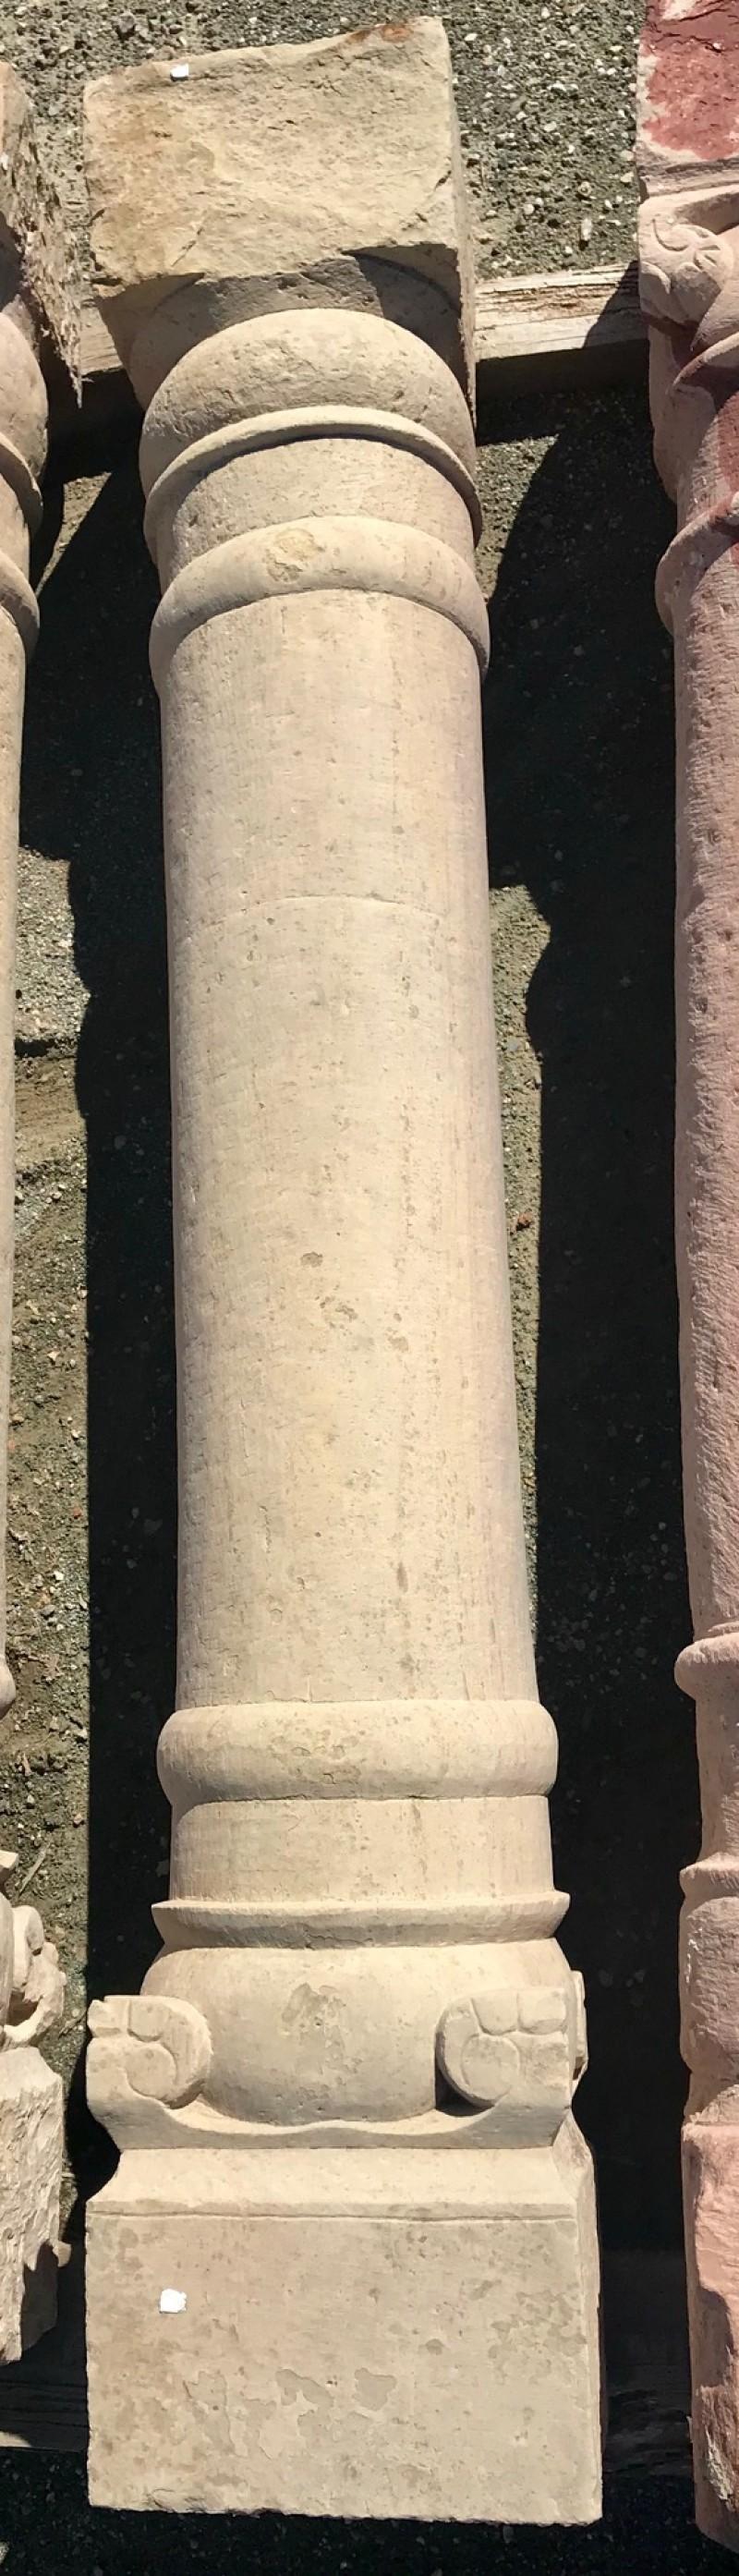 Columna de piedra antigua de una pieza. Mide 1,78 cm de alta.